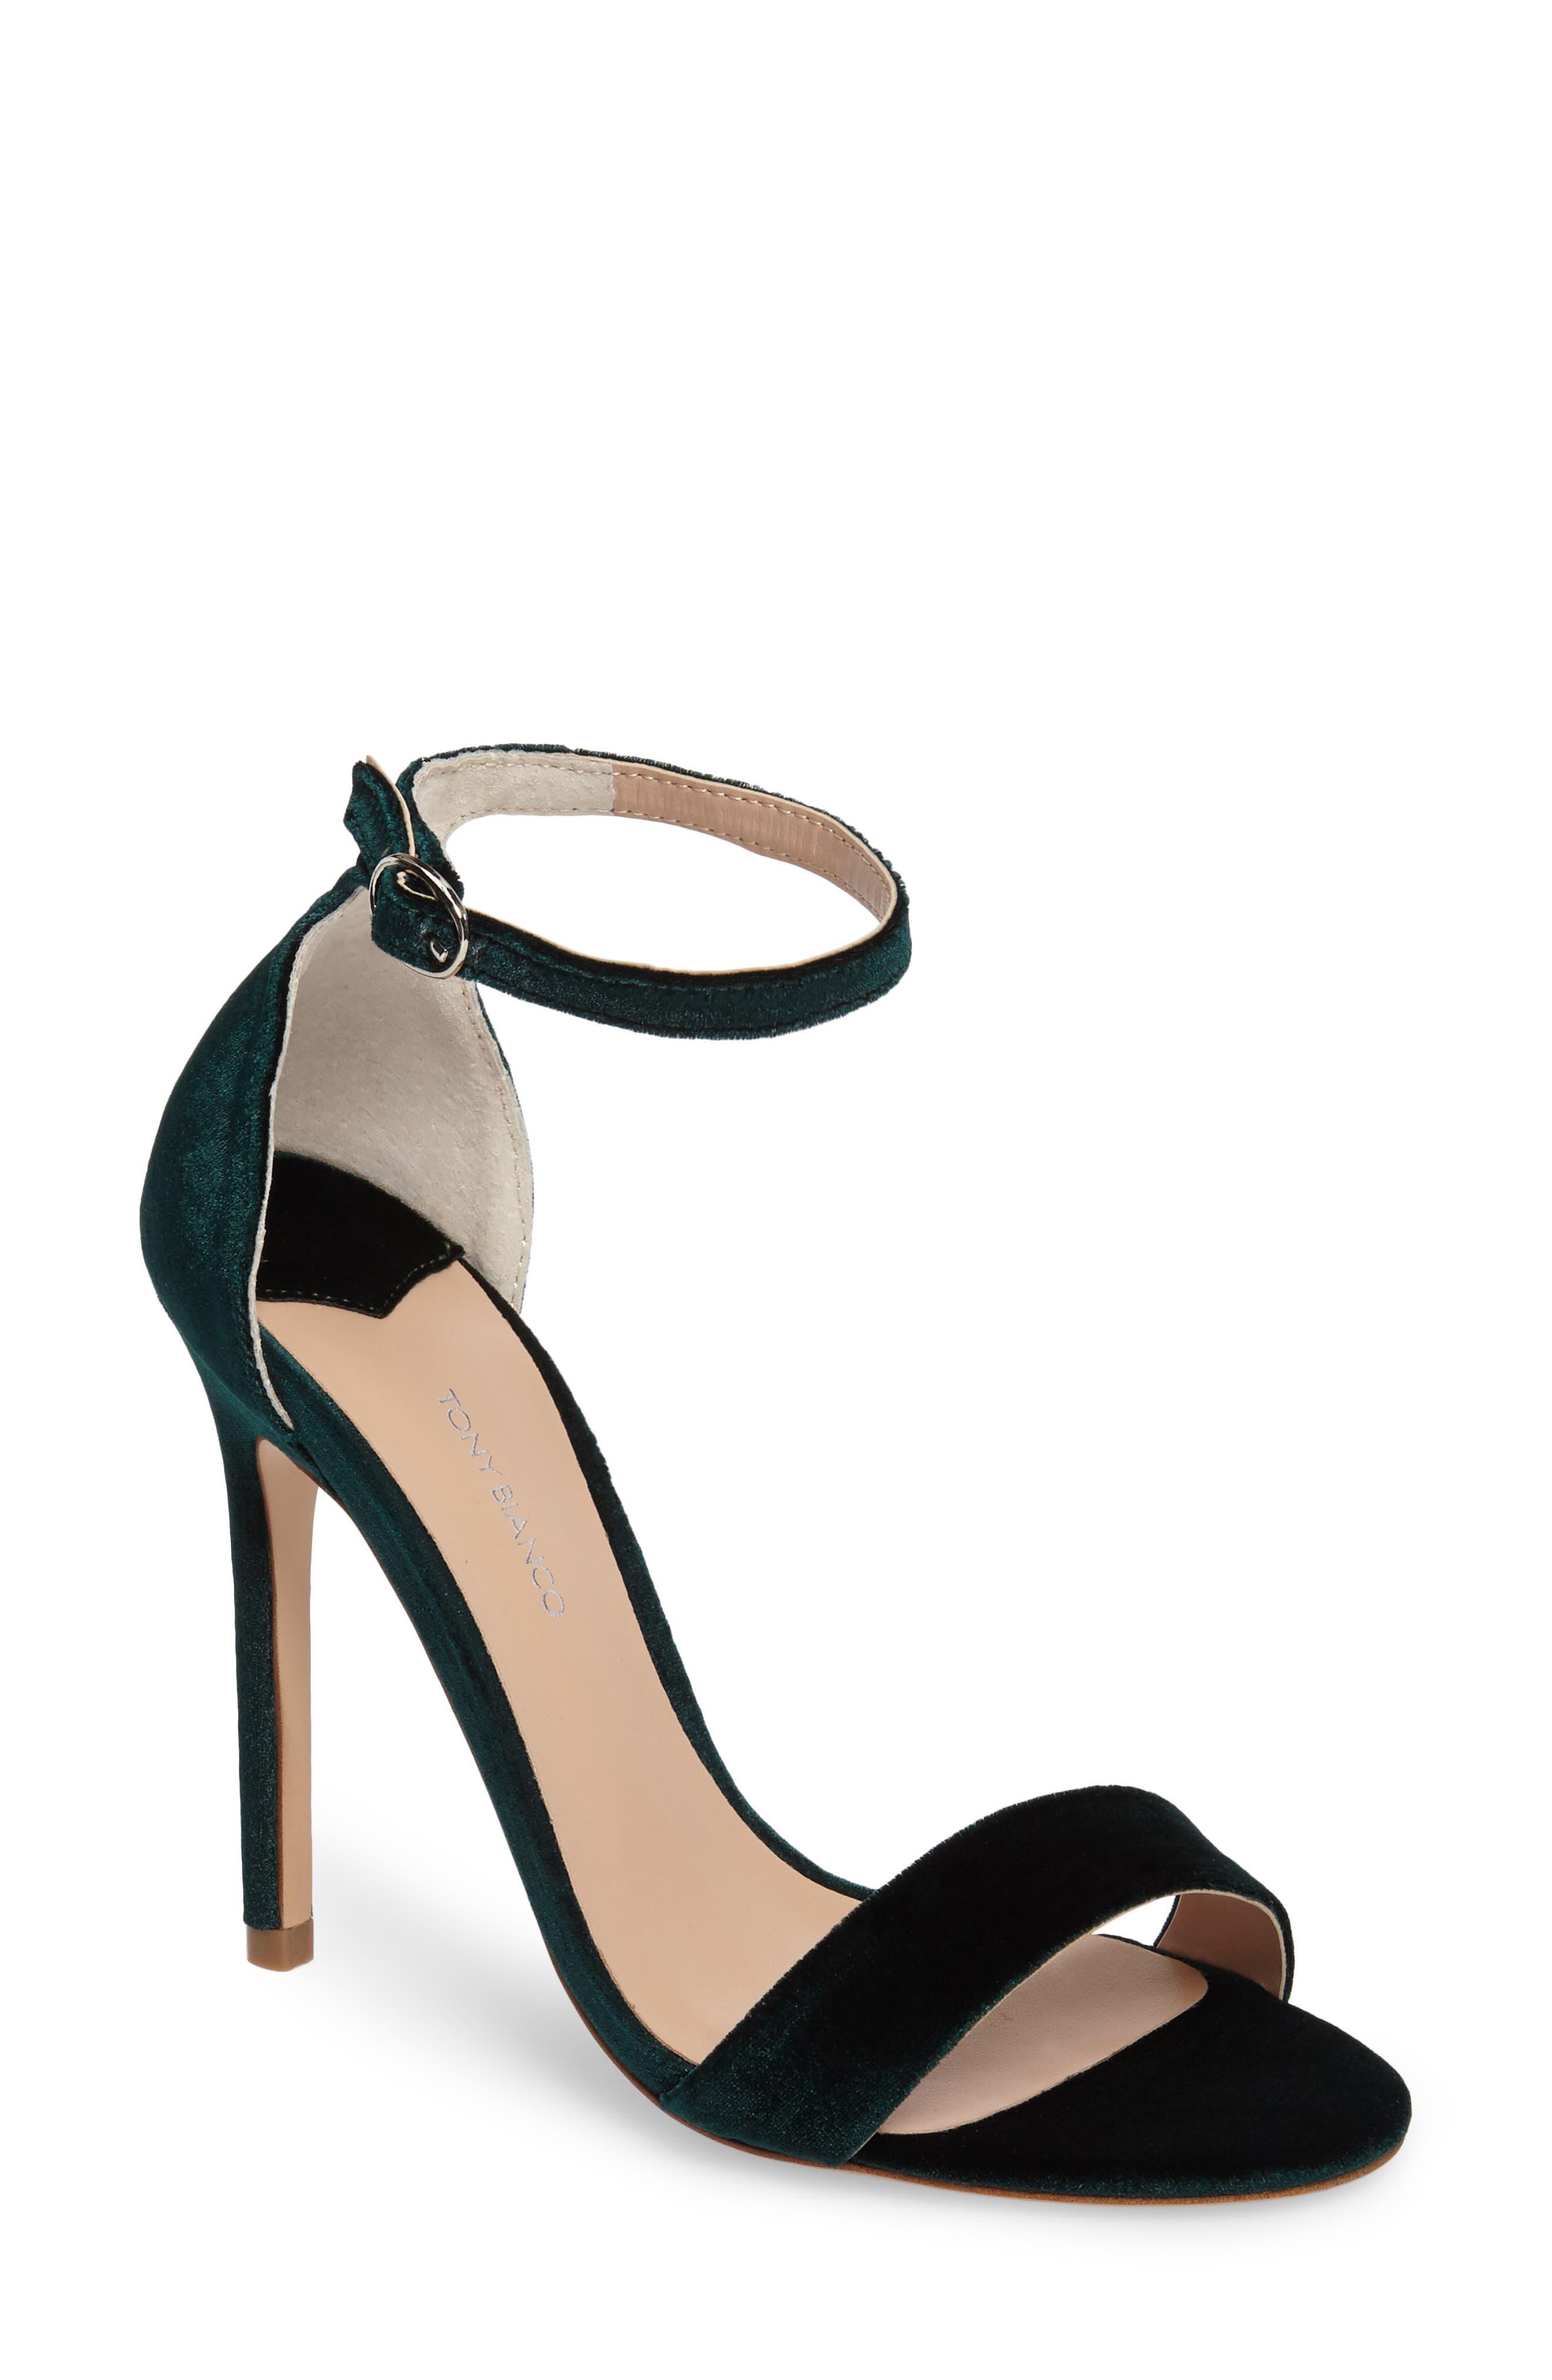 Karvan Ankle Strap Sandal,                             Main thumbnail 1, color,                             Forest Velvet